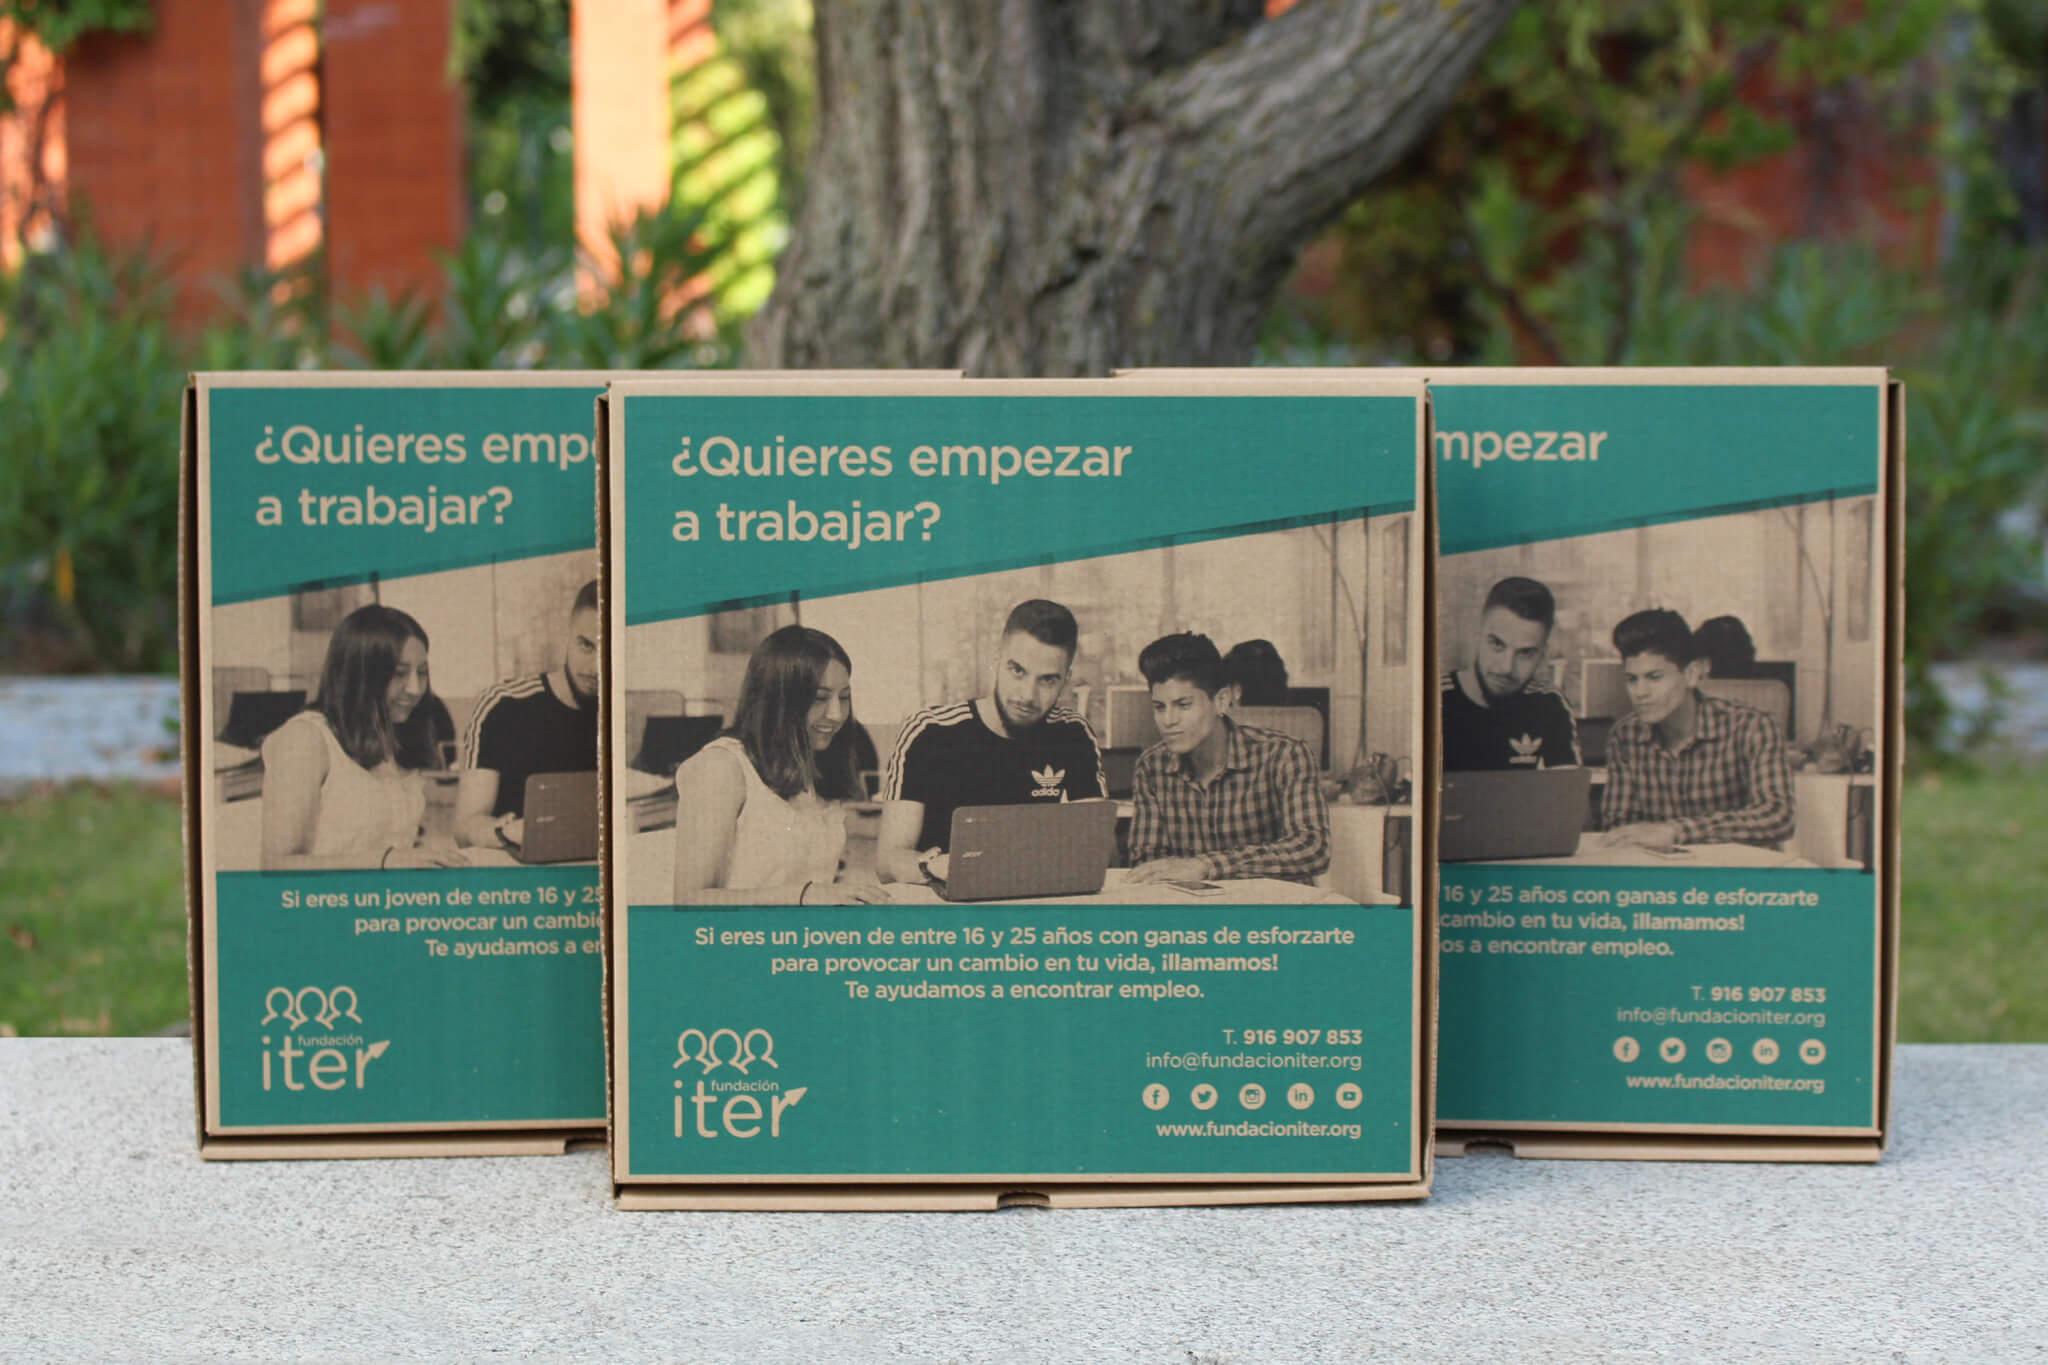 CAJAS SOLIDARIAS DE FUNDACIÓN ITER Y TELEPIZZA